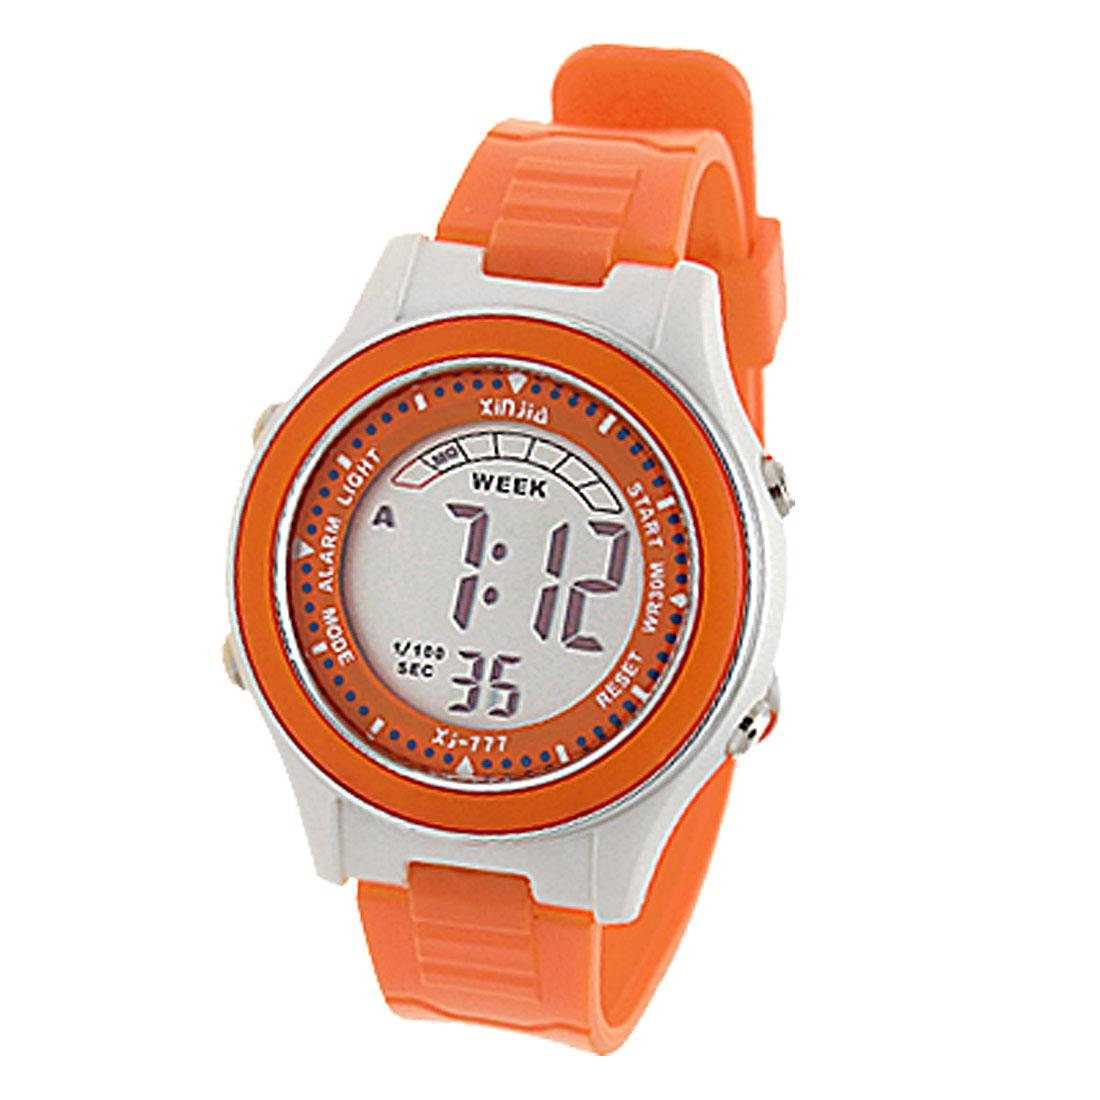 White Orange Digital LCD Sports Alarm Wrist Watch for Kids Children